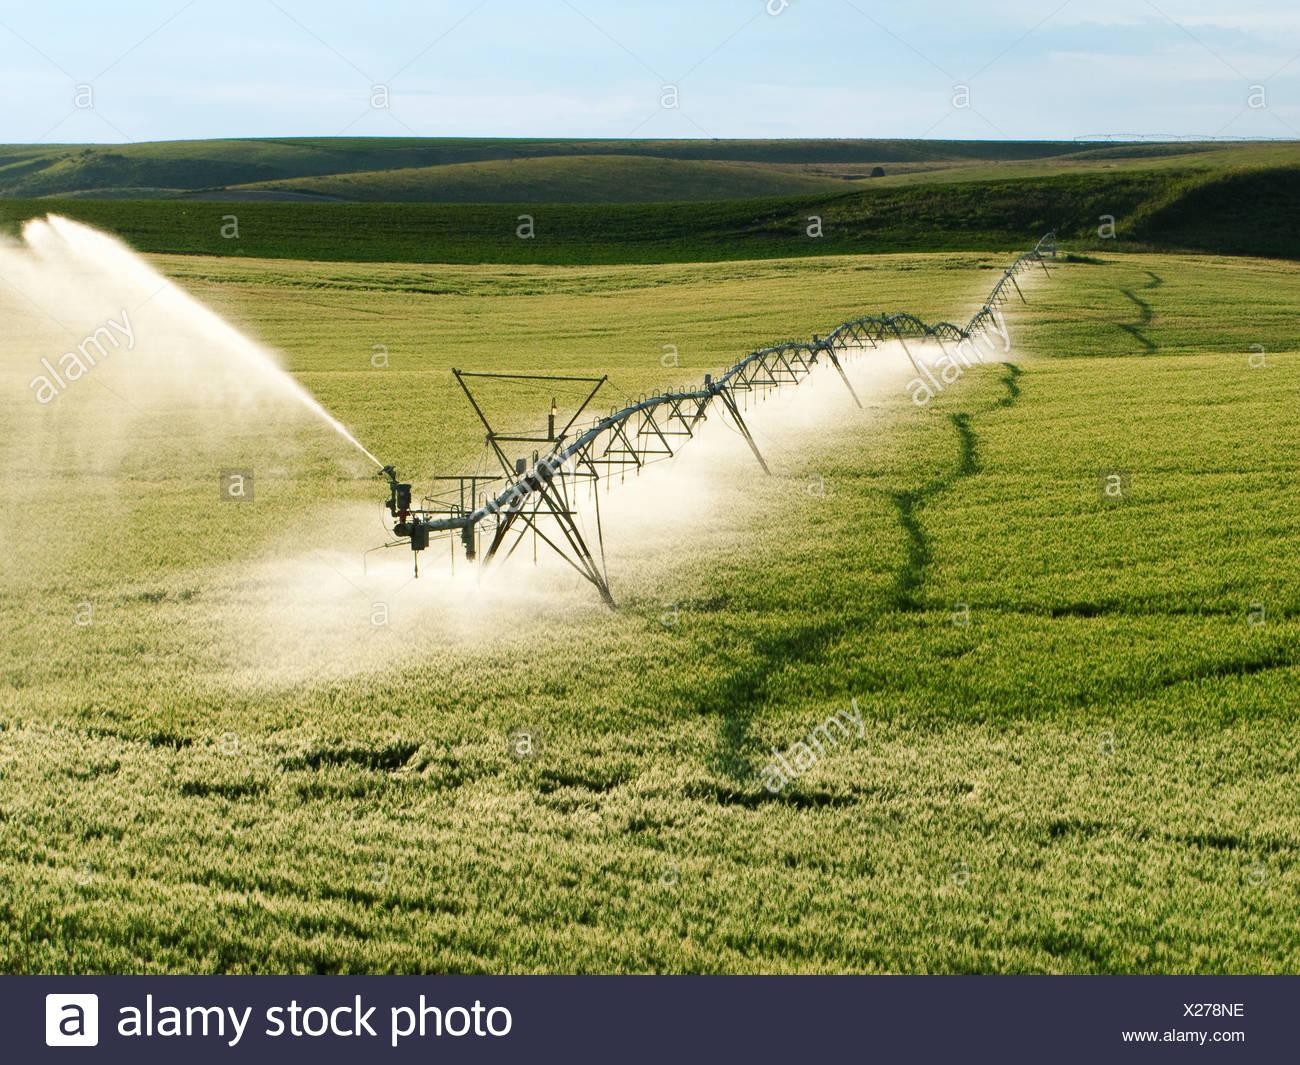 Agriculture - Centre d'exploitation du système d'irrigation à pivot sur un champ de grain vert / New York, USA. Photo Stock